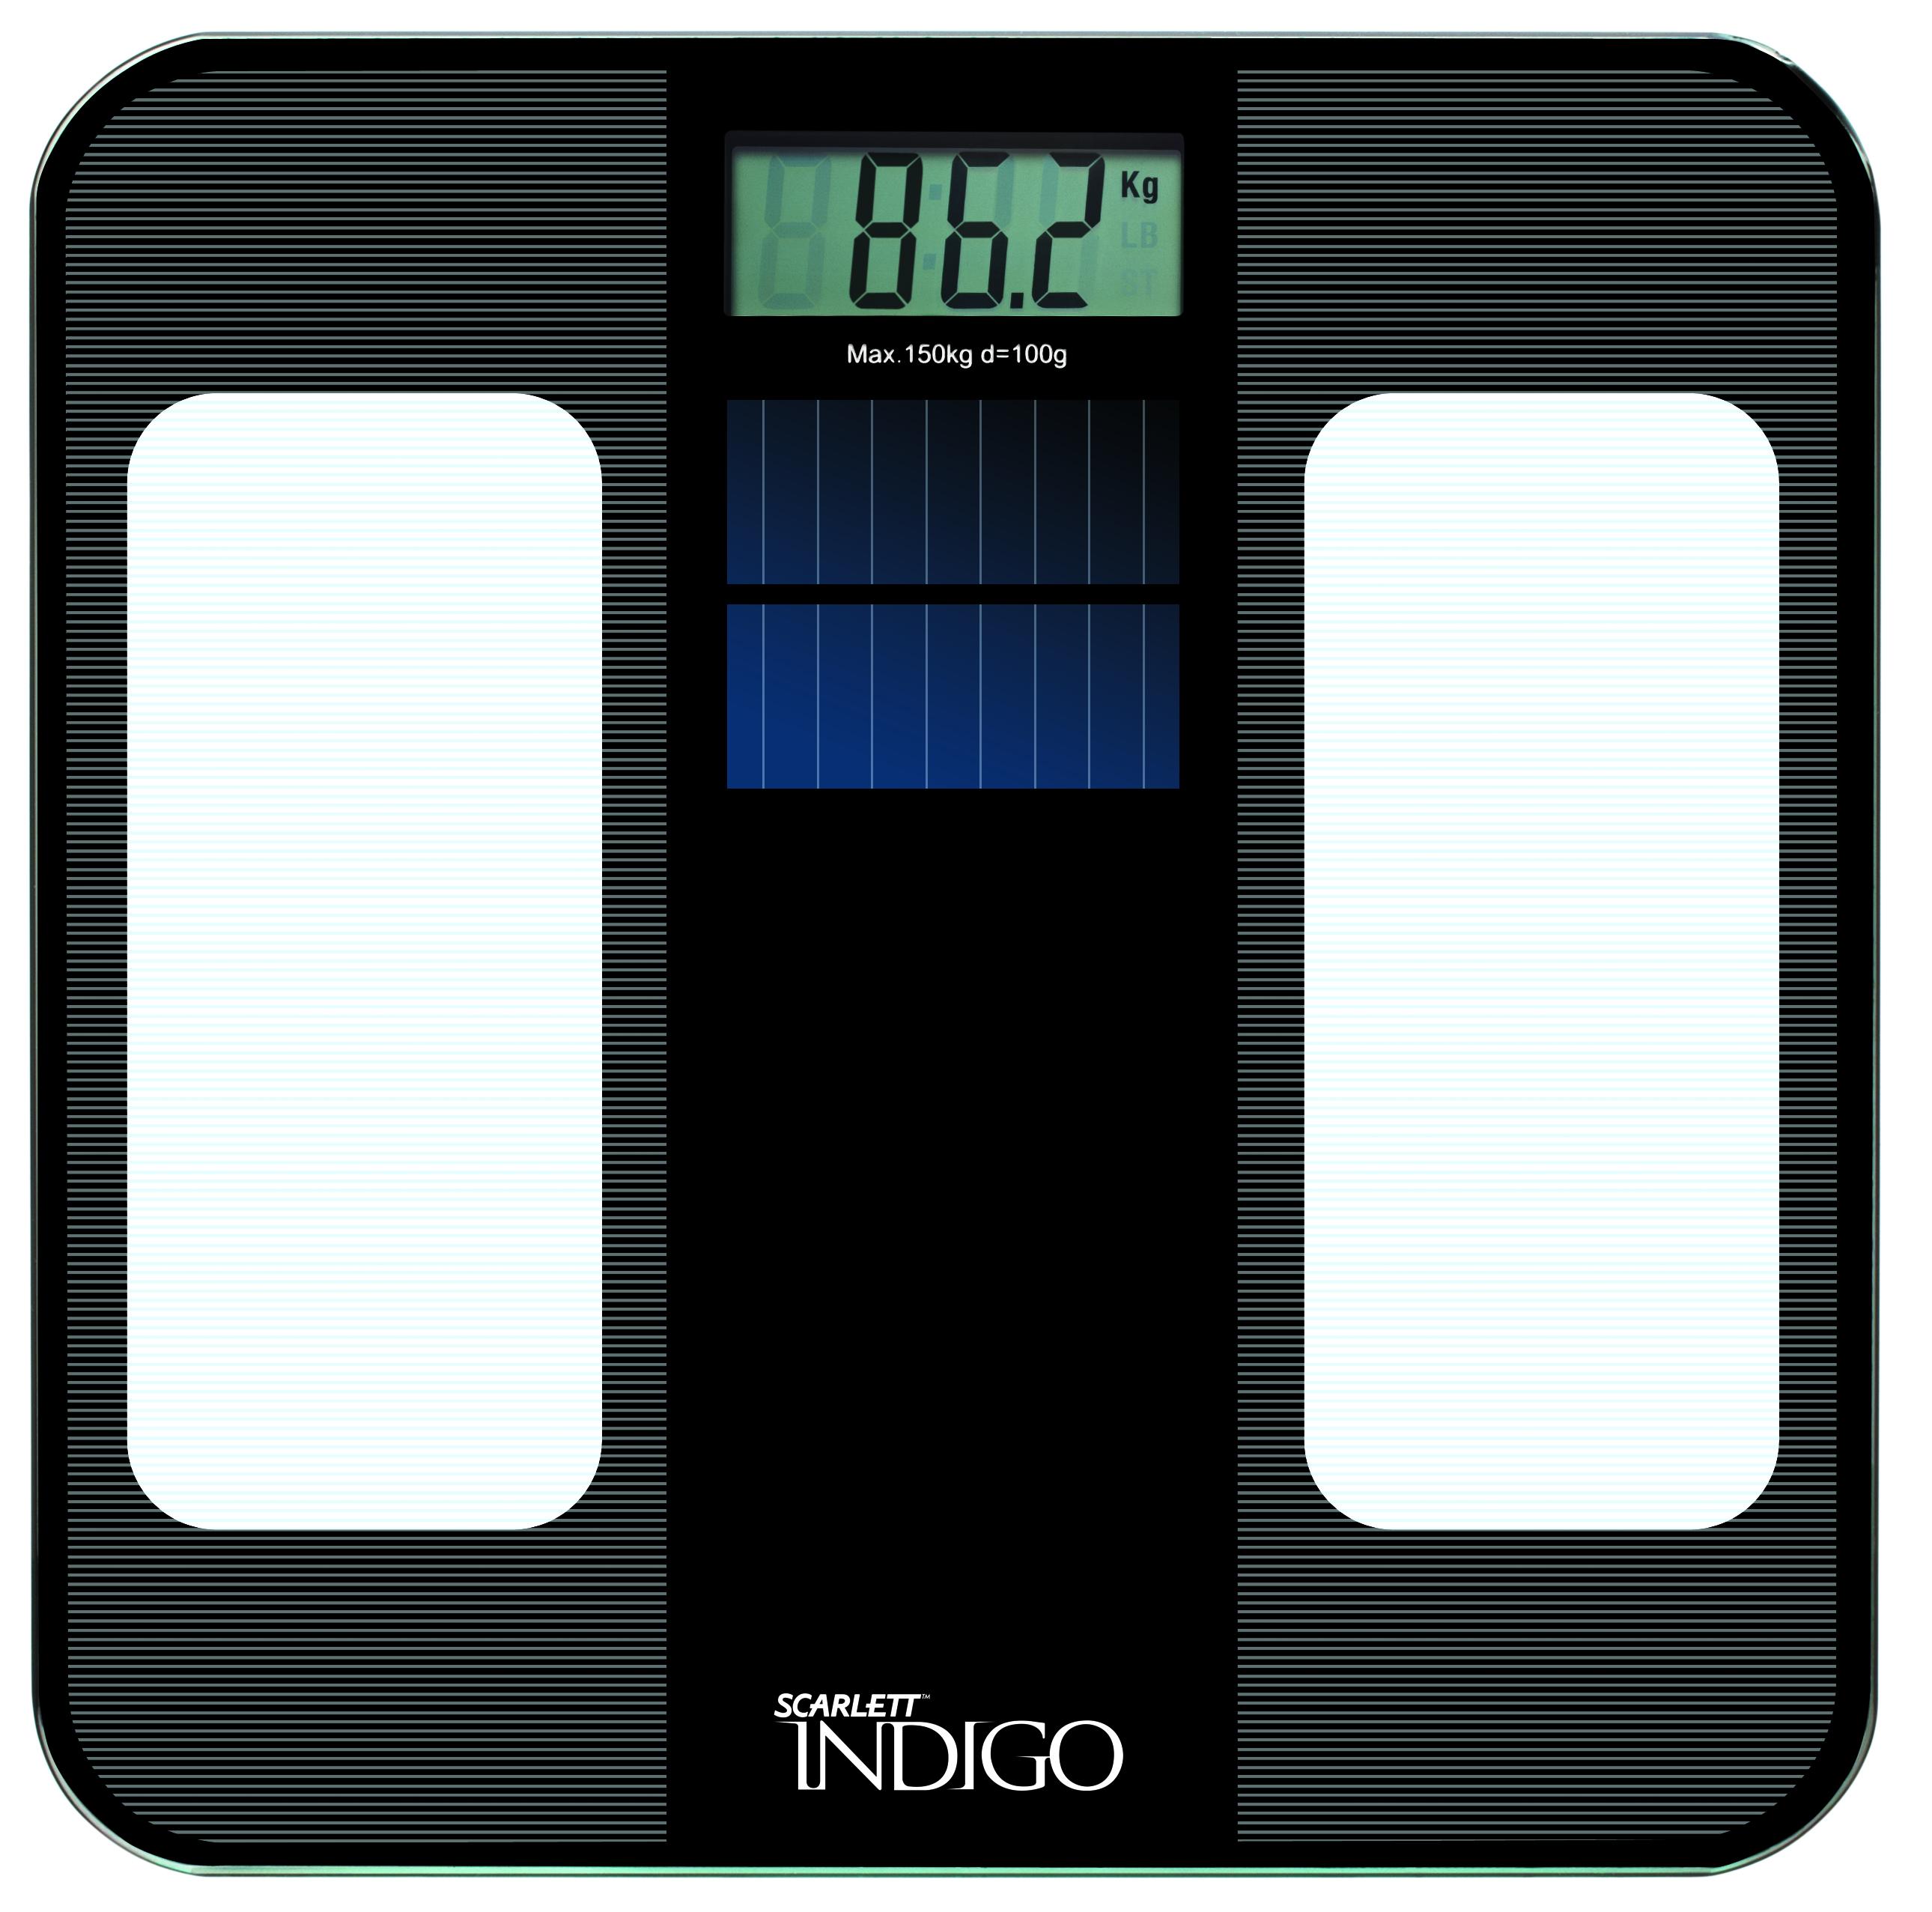 Весы напольные ScarlettВесы<br>Тип весов: напольные,<br>Тип: электронные,<br>Материал: стекло,<br>Источники питания: CR2032,<br>Максимальная нагрузка: 180,<br>Автоматическое включение/выключение: есть,<br>Единицы измерения: кг,<br>Индикация заряда: есть,<br>Индикатор перегрузки: есть<br>